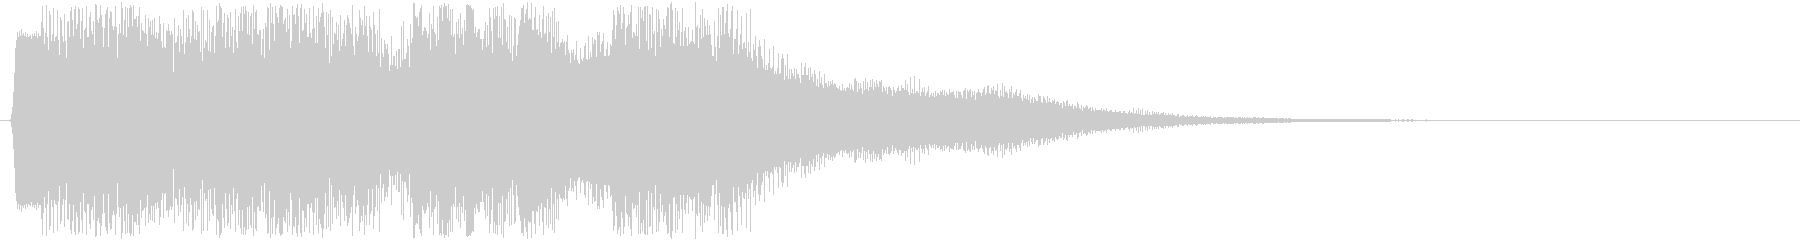 ピコピコ音での場面転換音 綺麗な切替音の未再生の波形